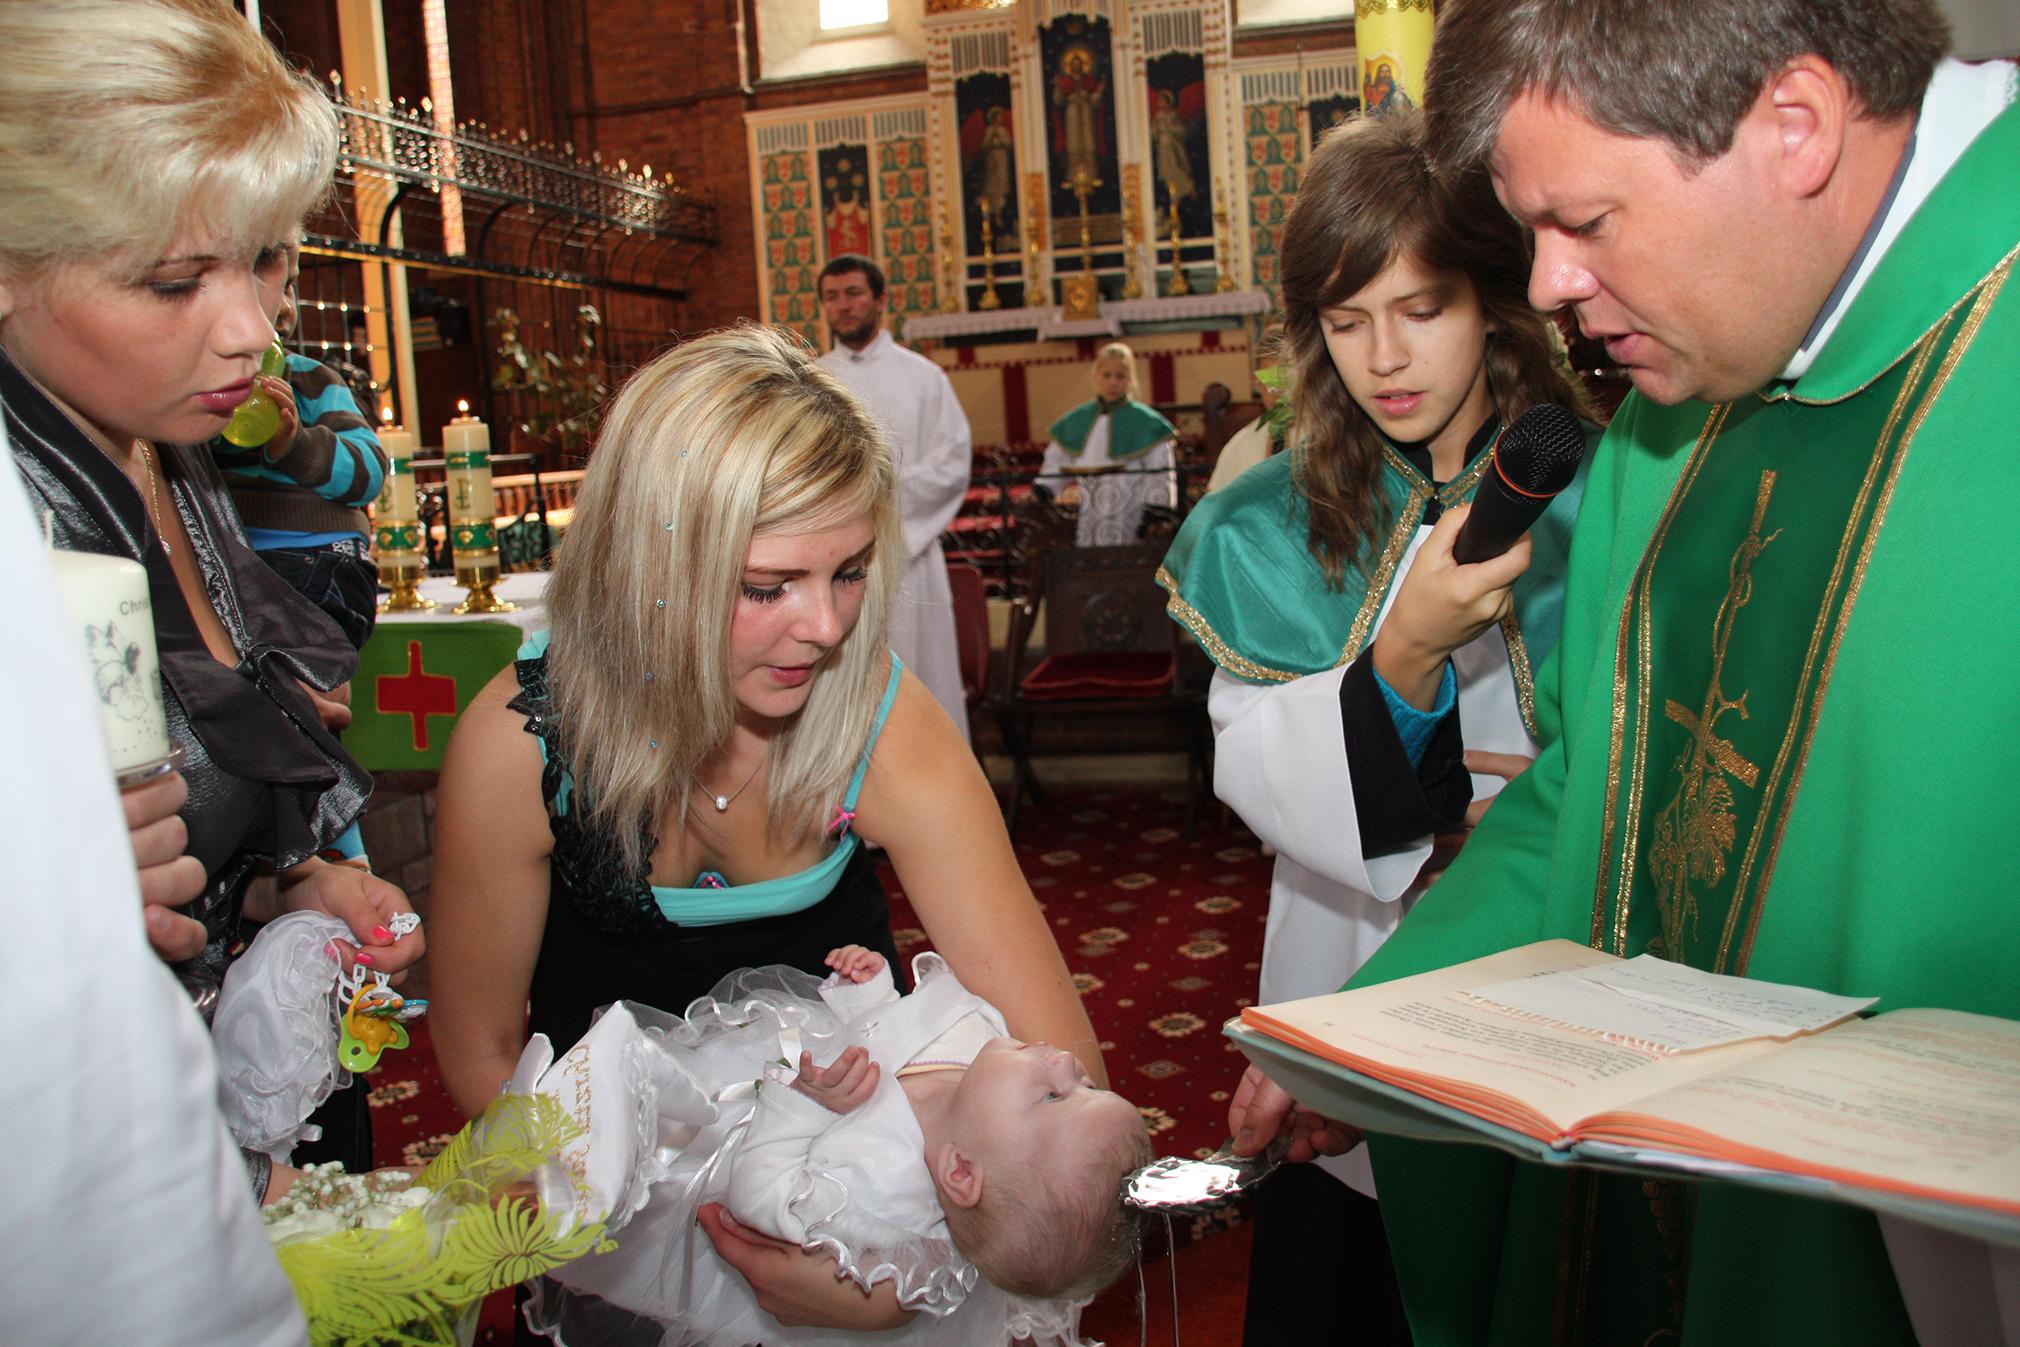 Christening Northampton Chrzest Swiety Northampton Chrest Swiety Londyn Chrzest Swiety Birmingham Chrzest Swiety Wellingborough